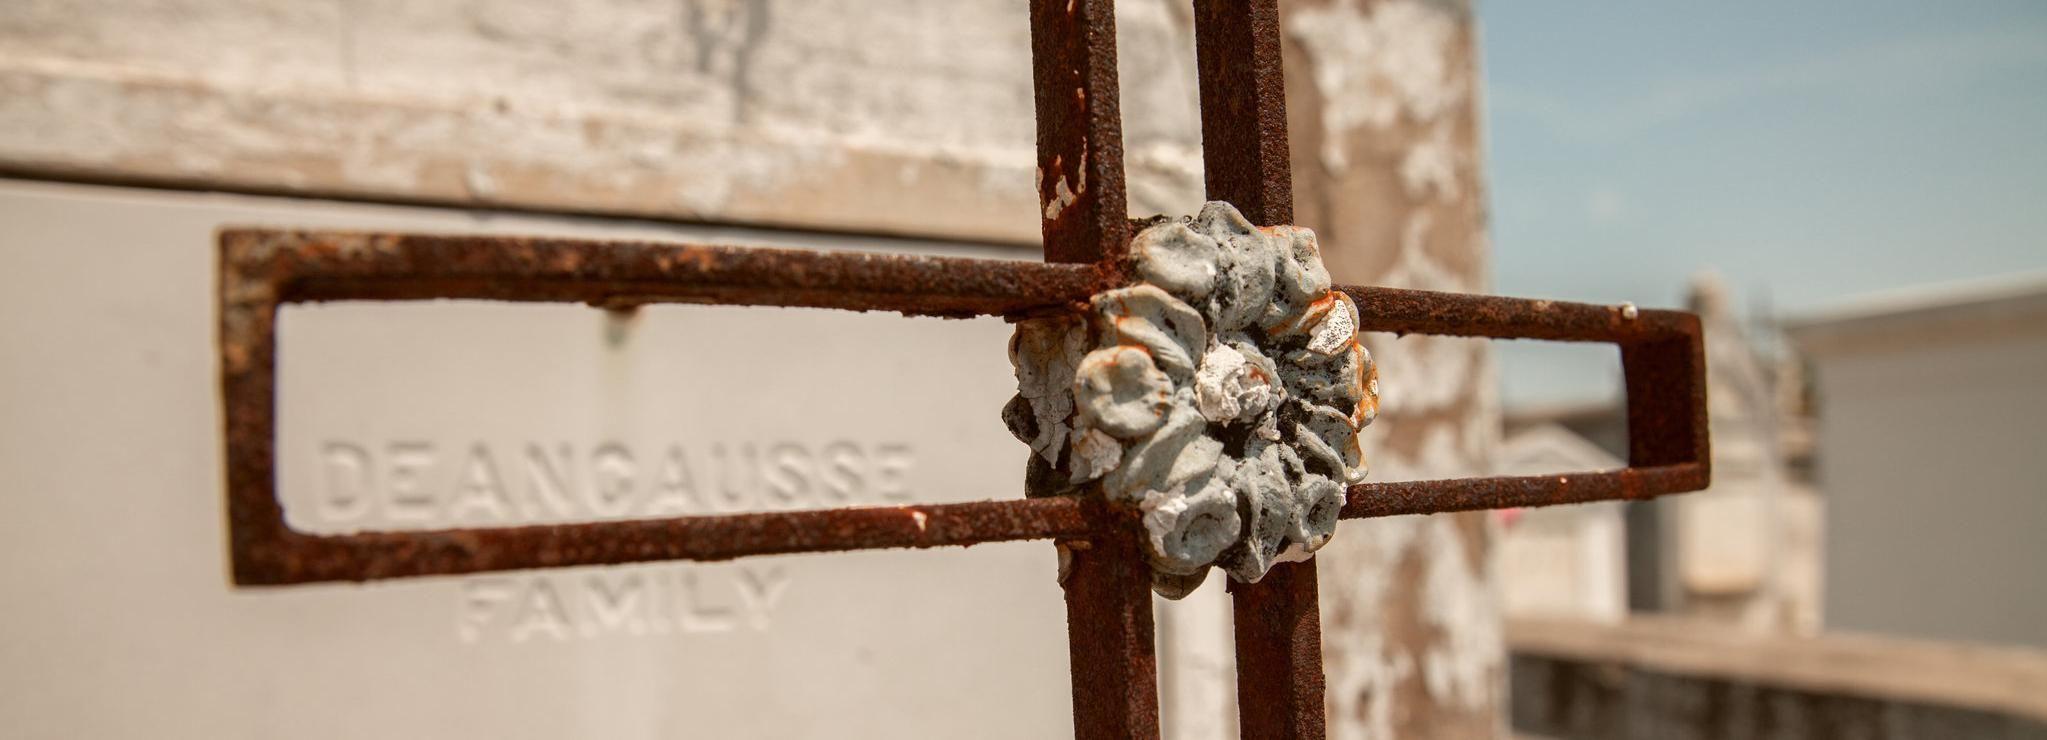 Nueva Orleans: tour histórico 2h por el cementerio St. Louis